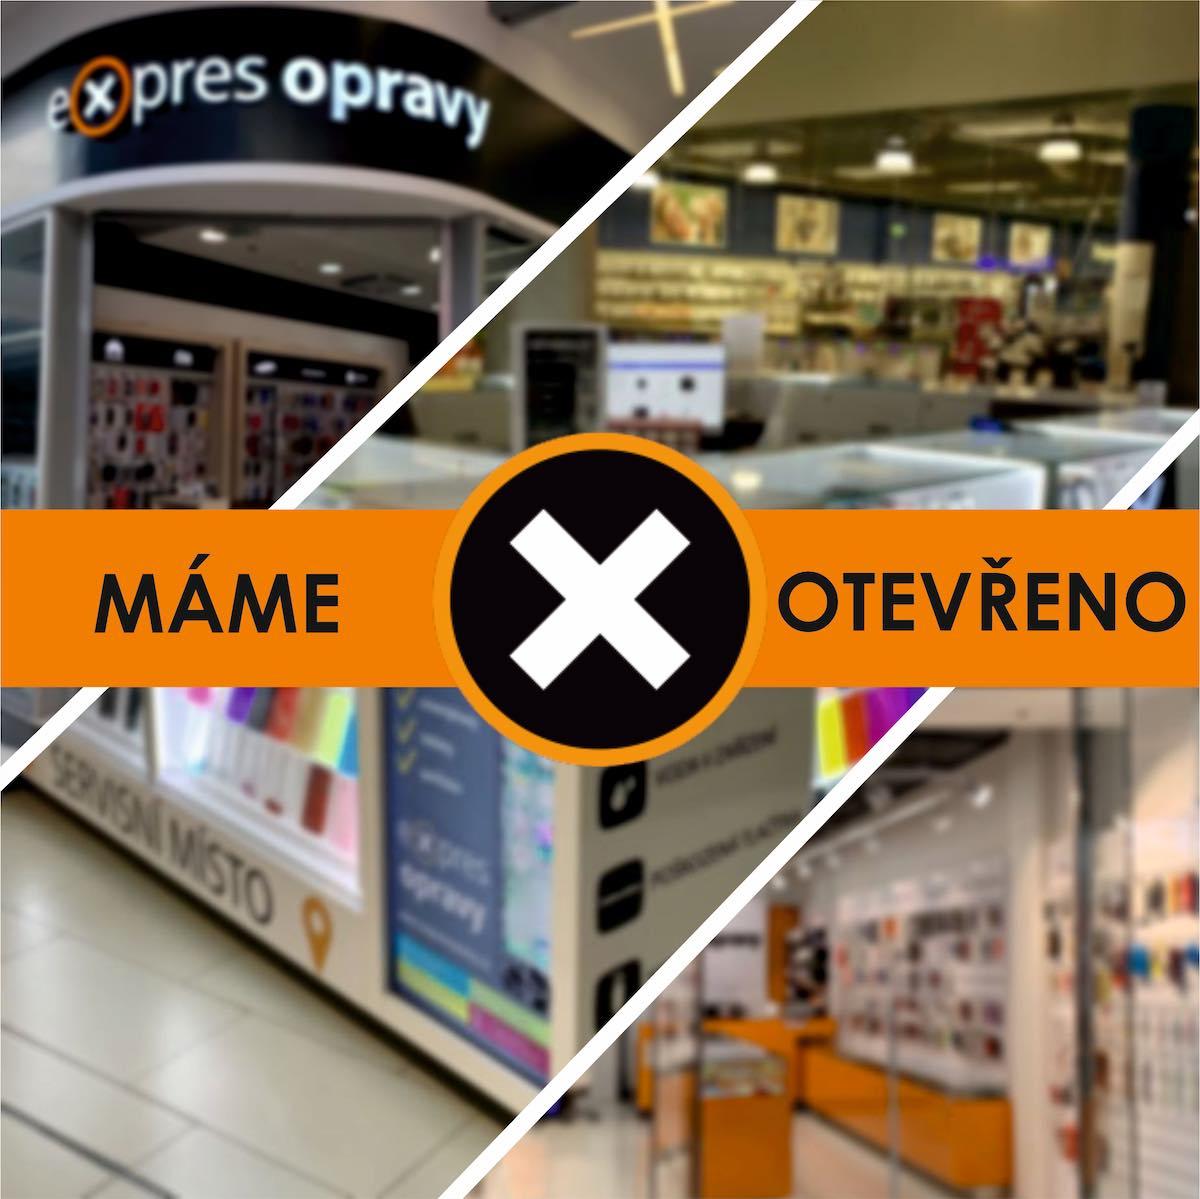 expresopravy.cz – Otevřeno